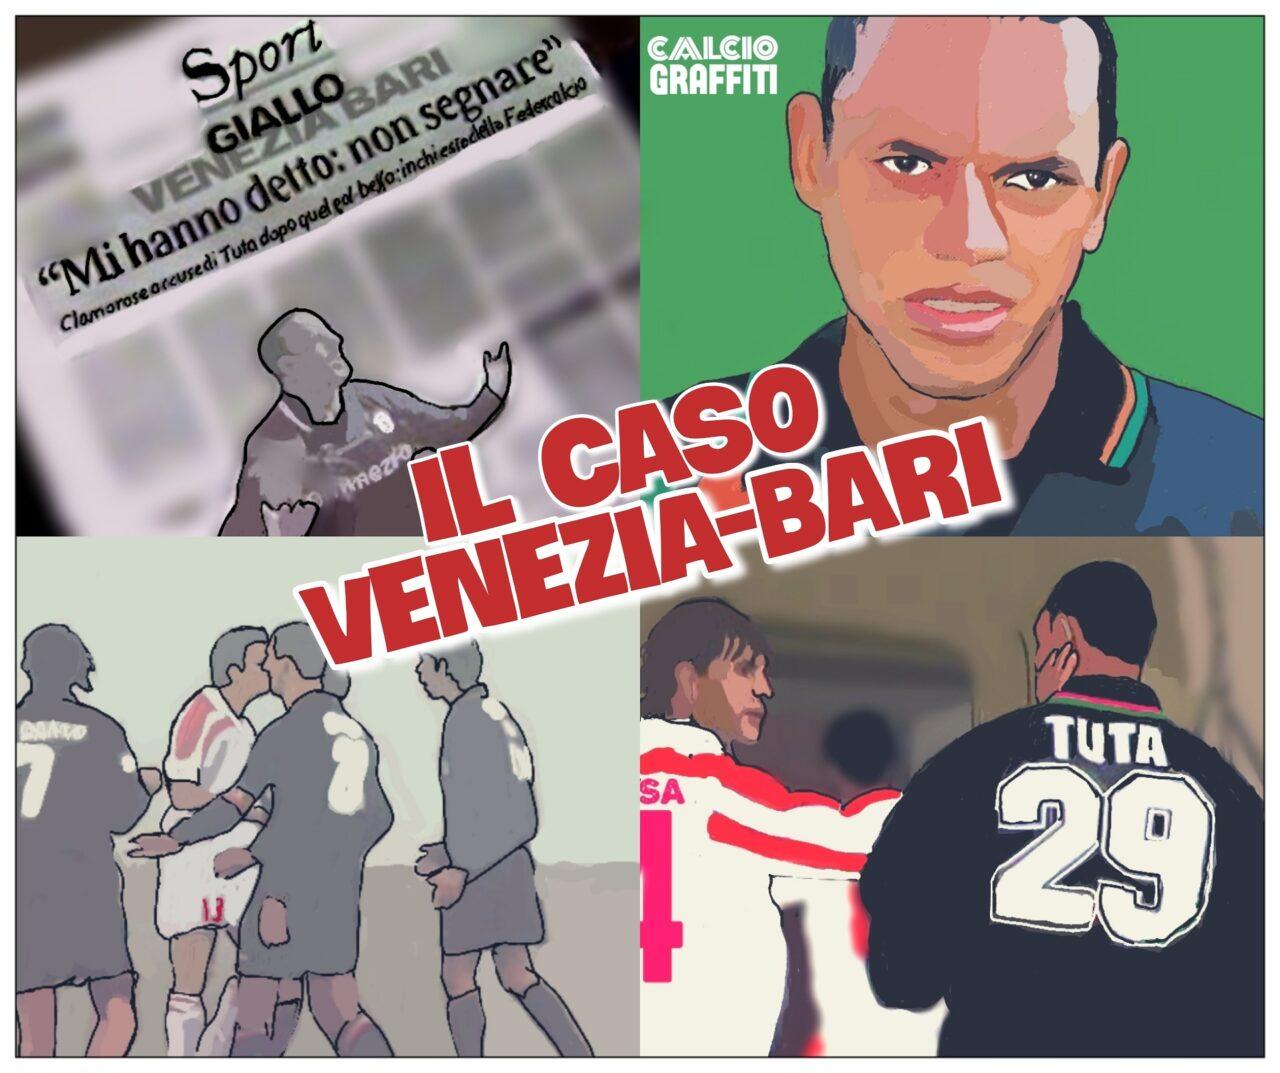 IL CASO VENEZIA BARI E L'IGNARO TUTA